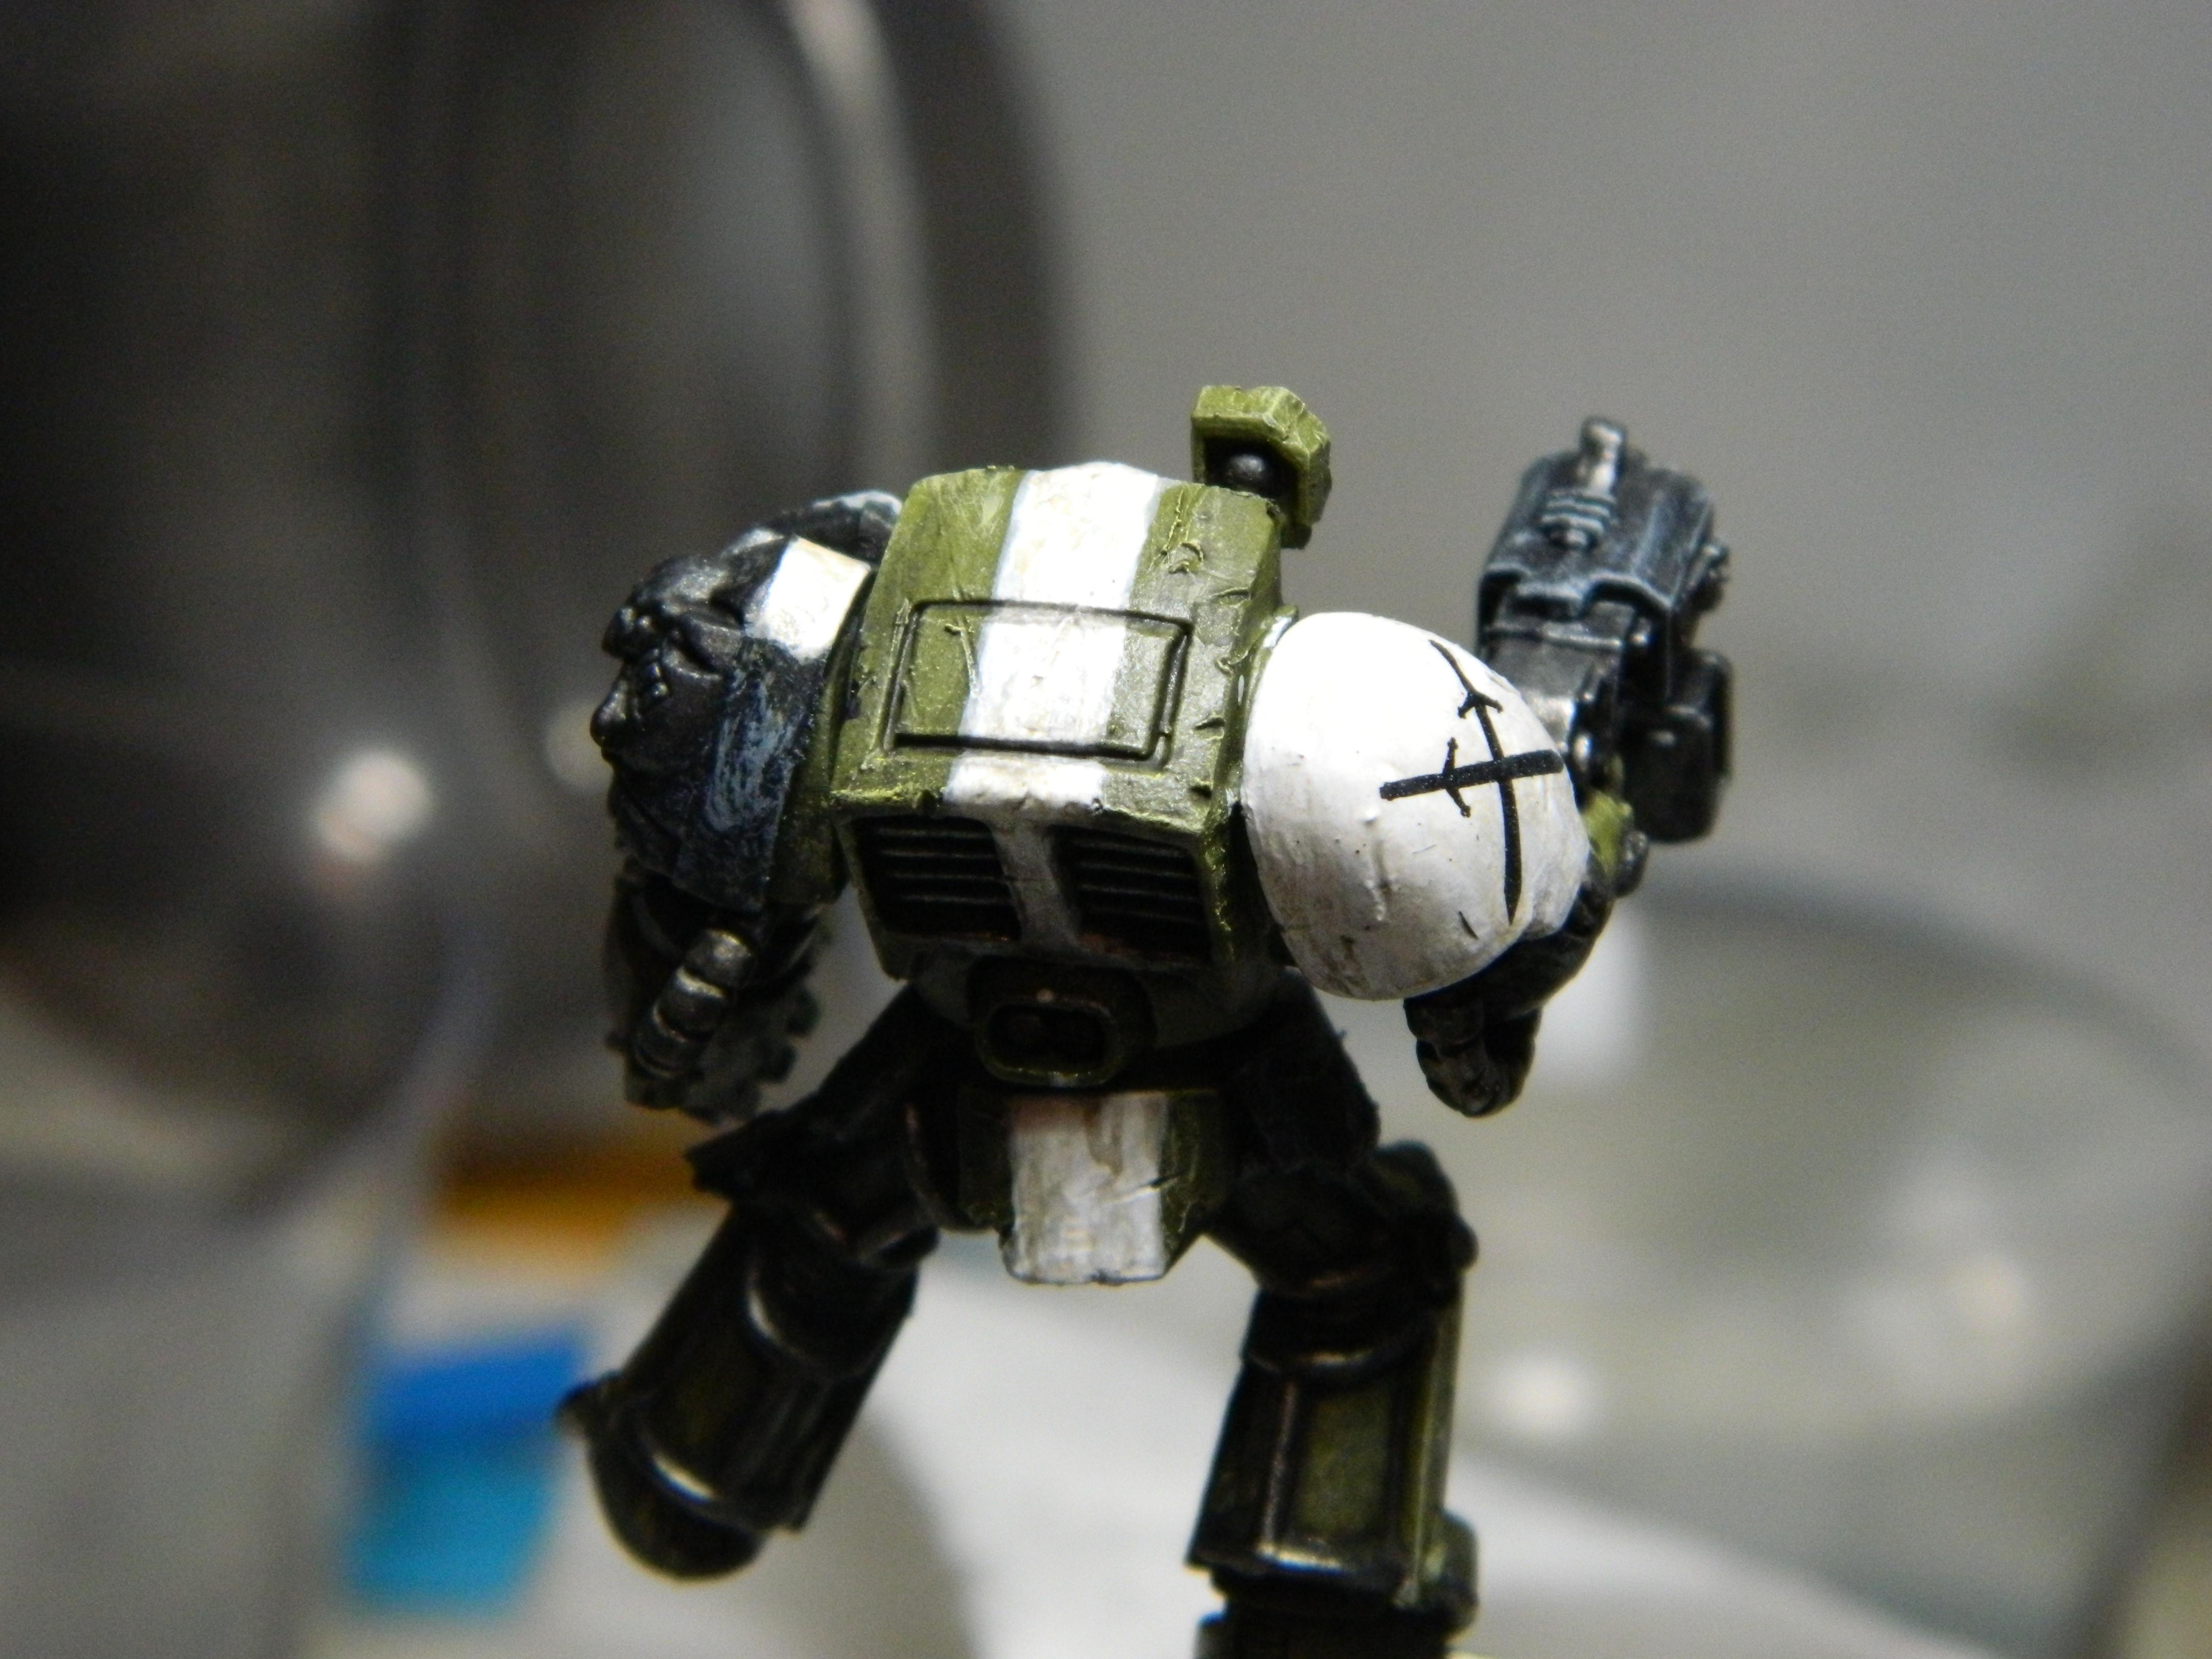 Terminator Armor, test scheme back